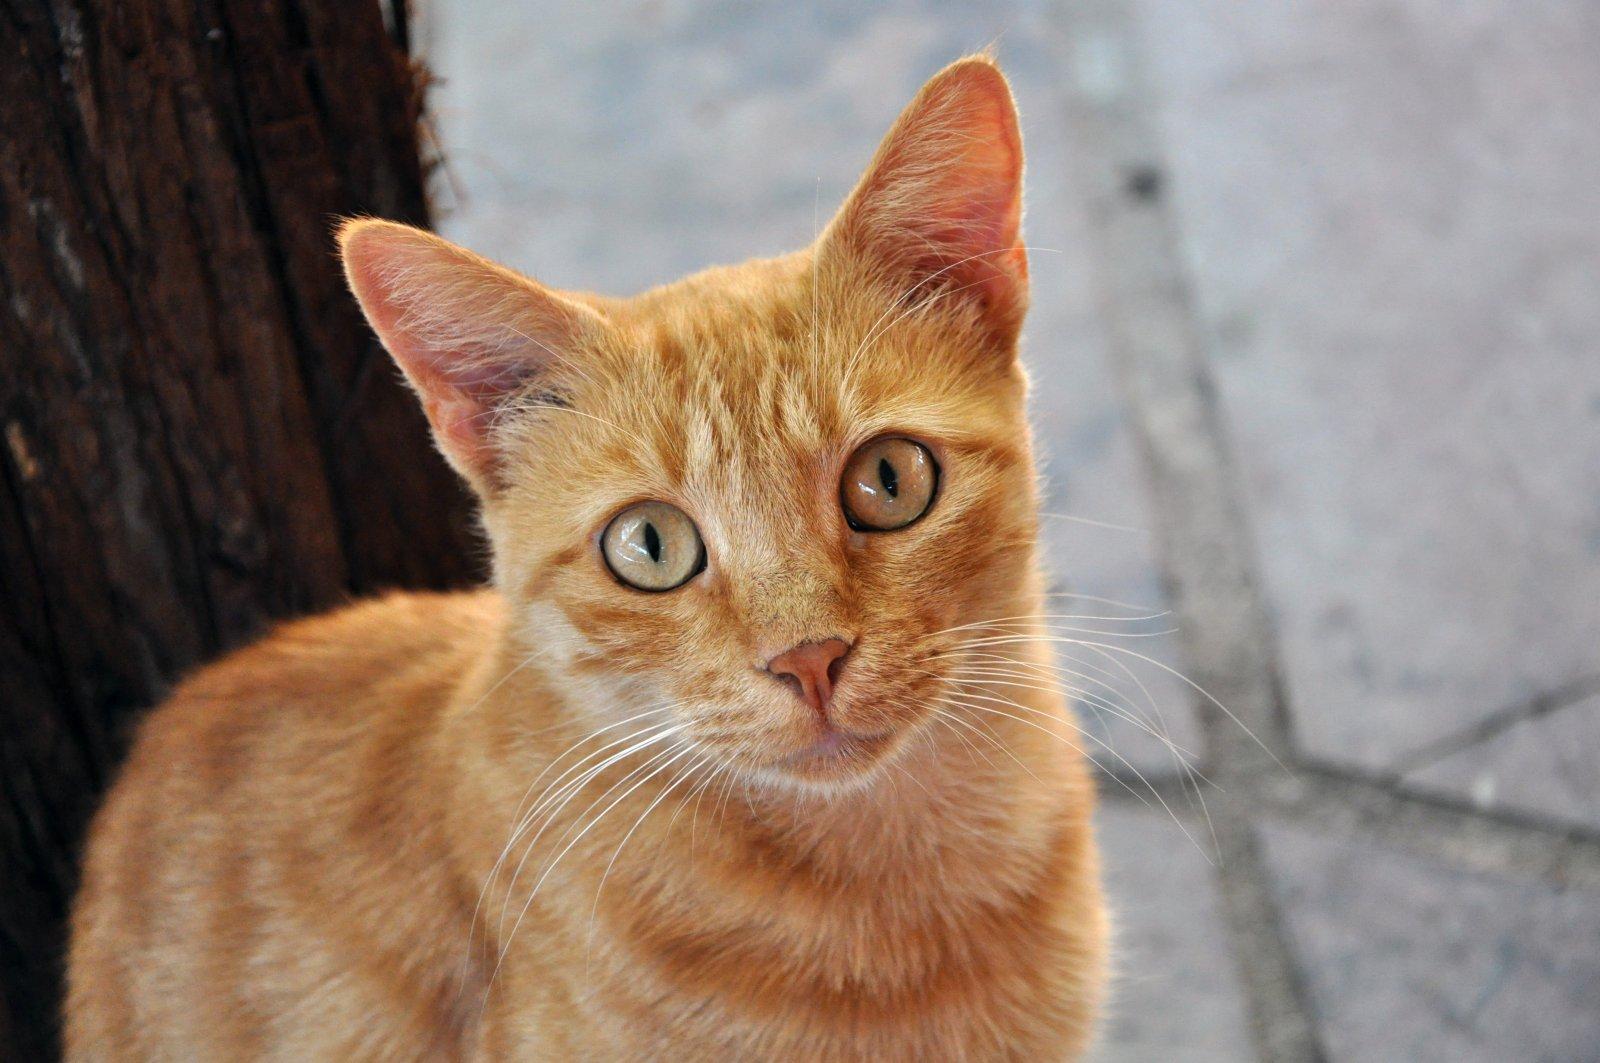 castigos para gatos - Toxoplasmose | A mulher grávida deve se desfazer do seu gato?